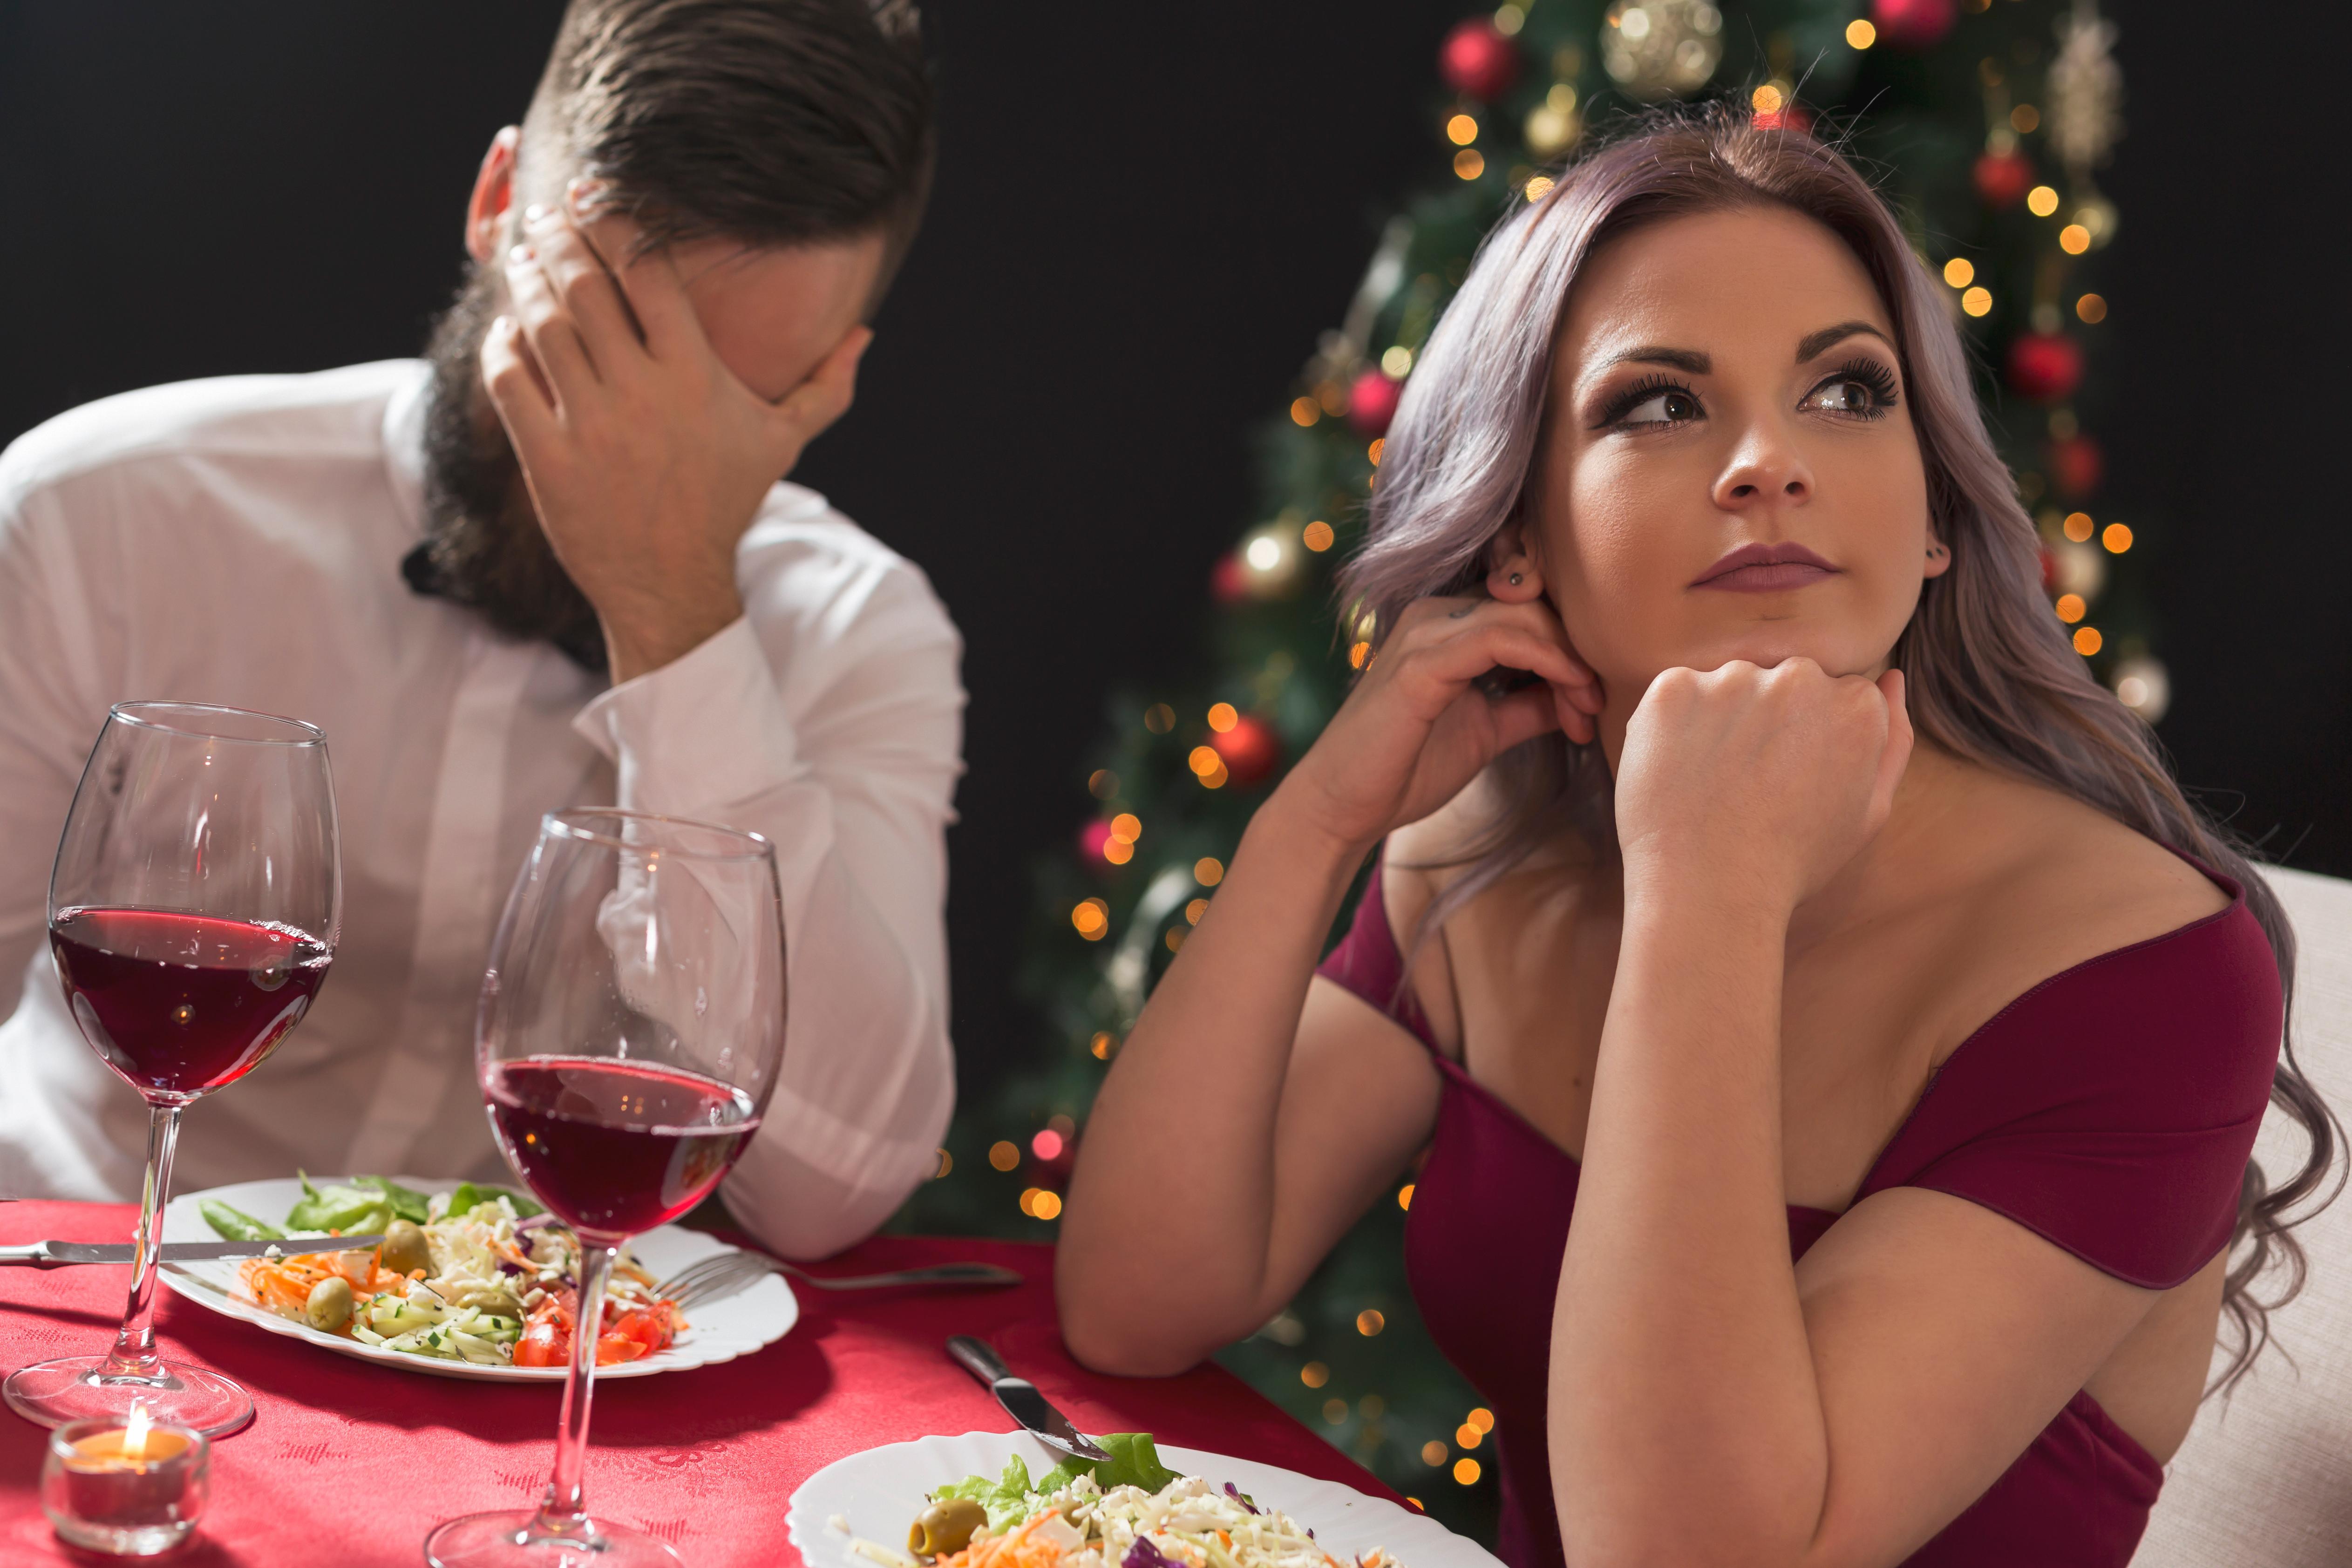 Undersökningen visar att 8 av 10 inte tycker att det är viktigt att det serveras alkohol i samband med julbord med familjen/släkten.